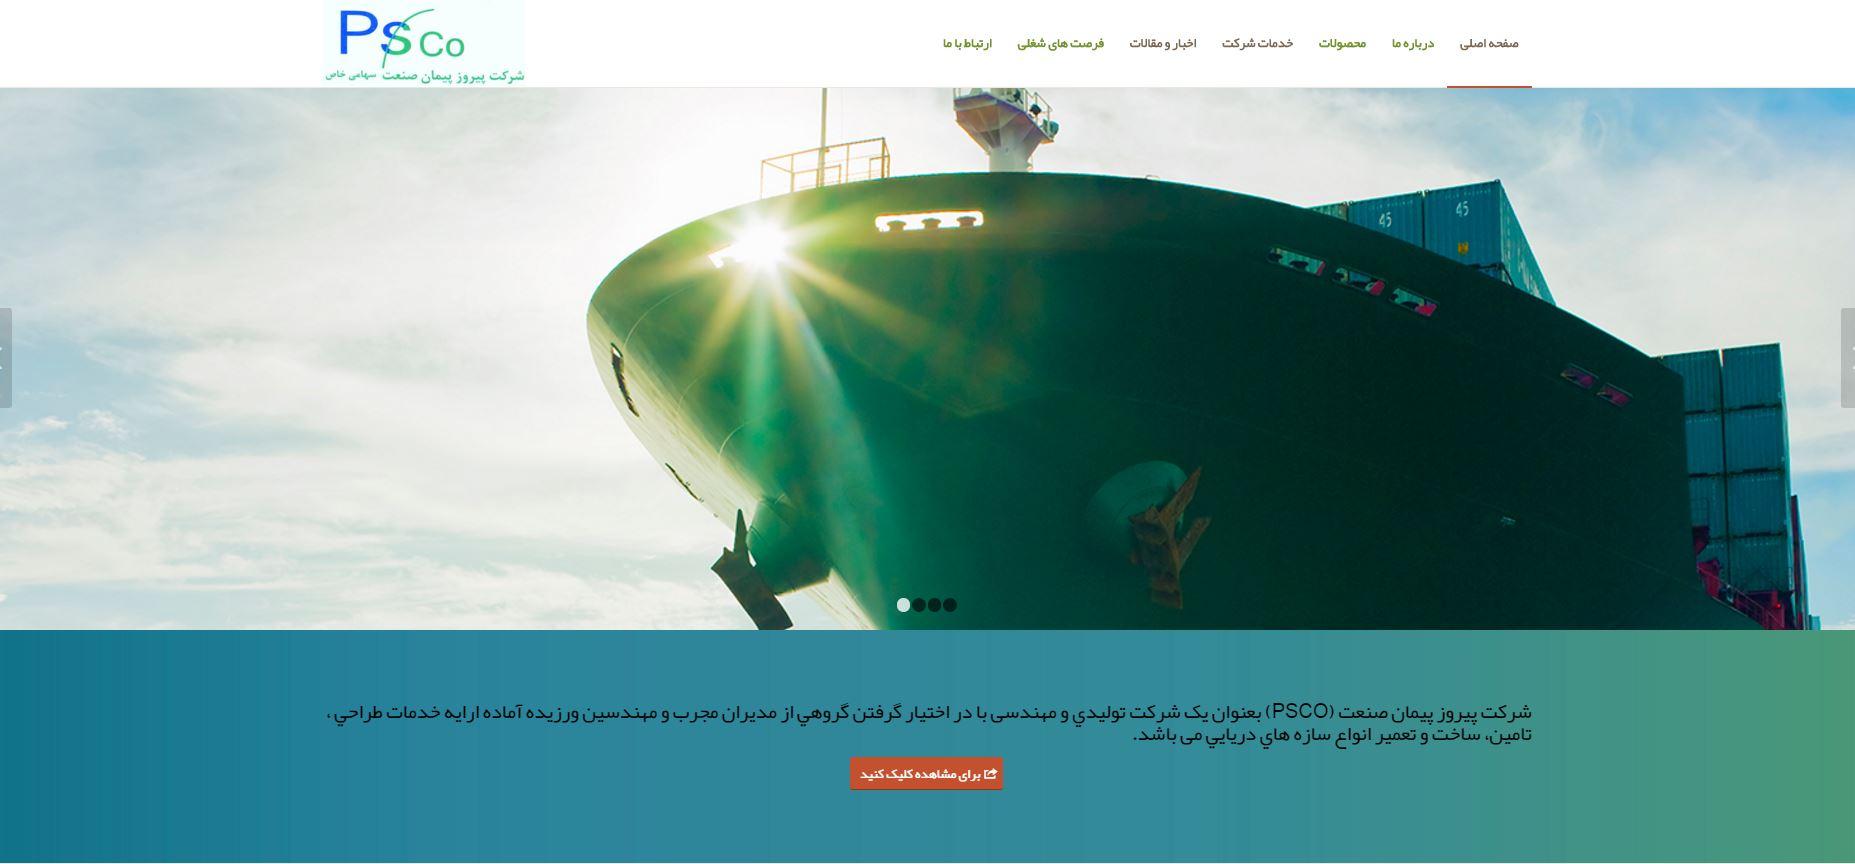 طراحی سایت کارخانه کشتی سازی